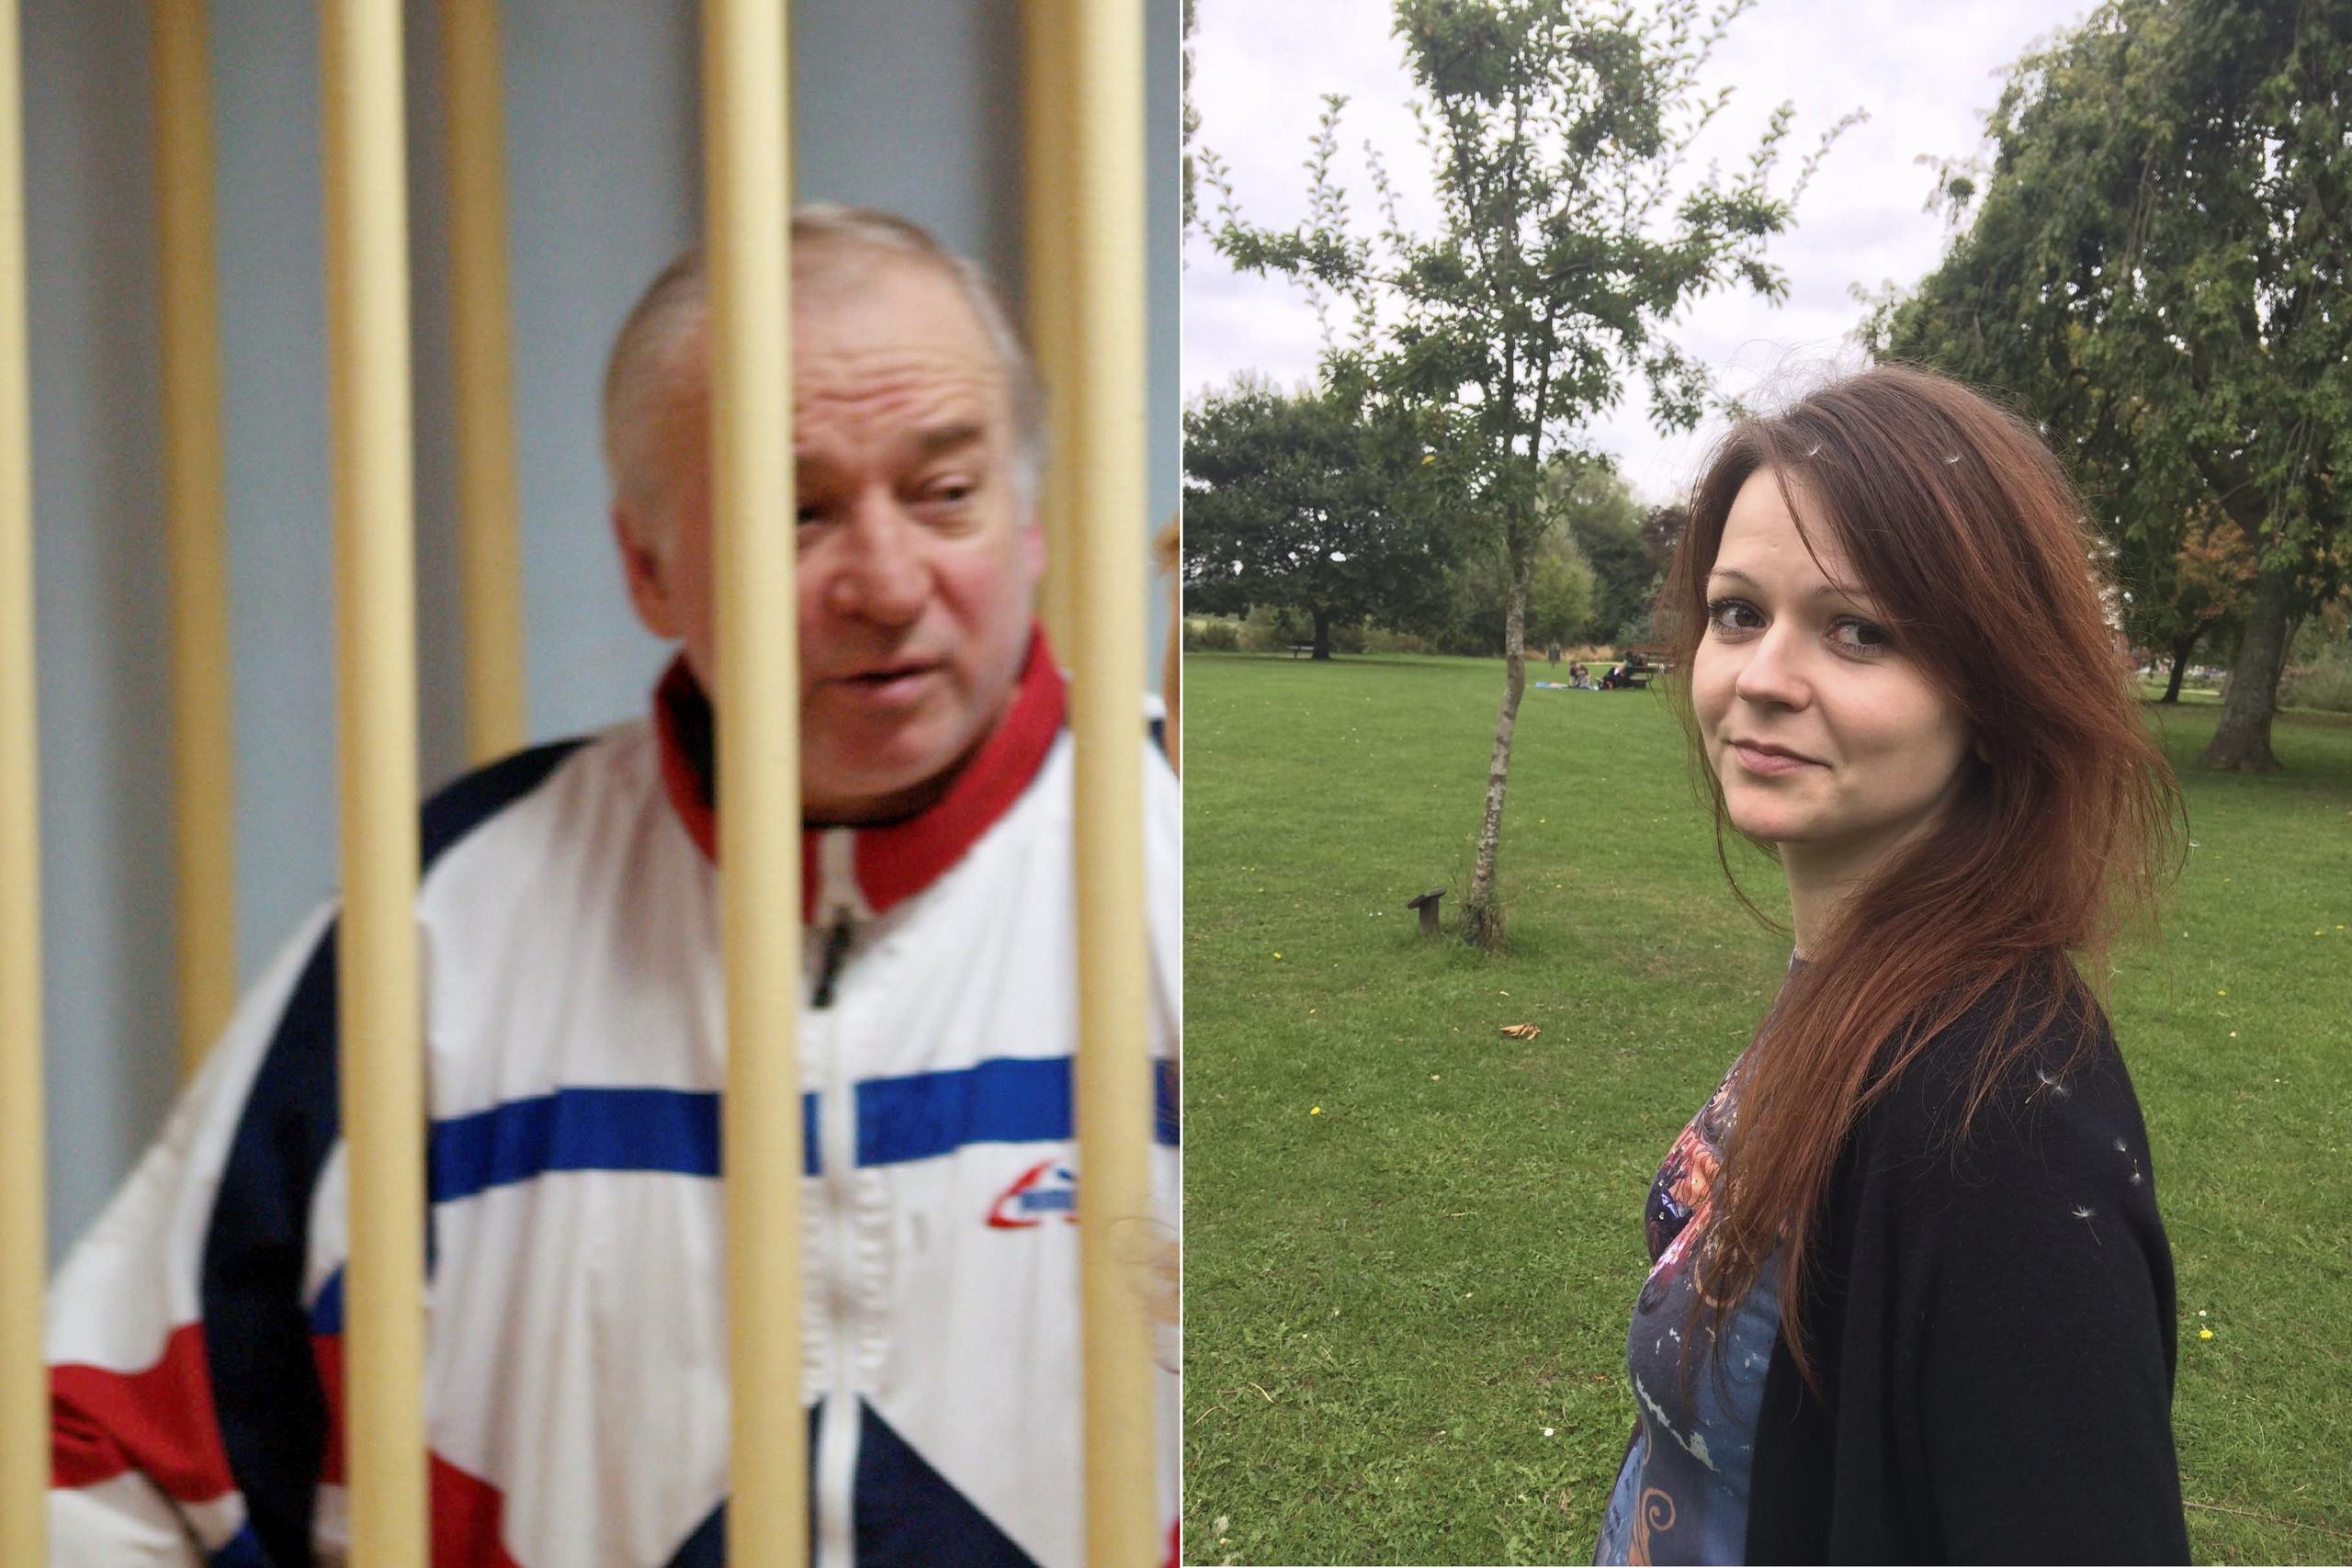 الجاسوس الروسى وابنته محاولة اغتيال بغاز الاعصاب فى وسط لندن